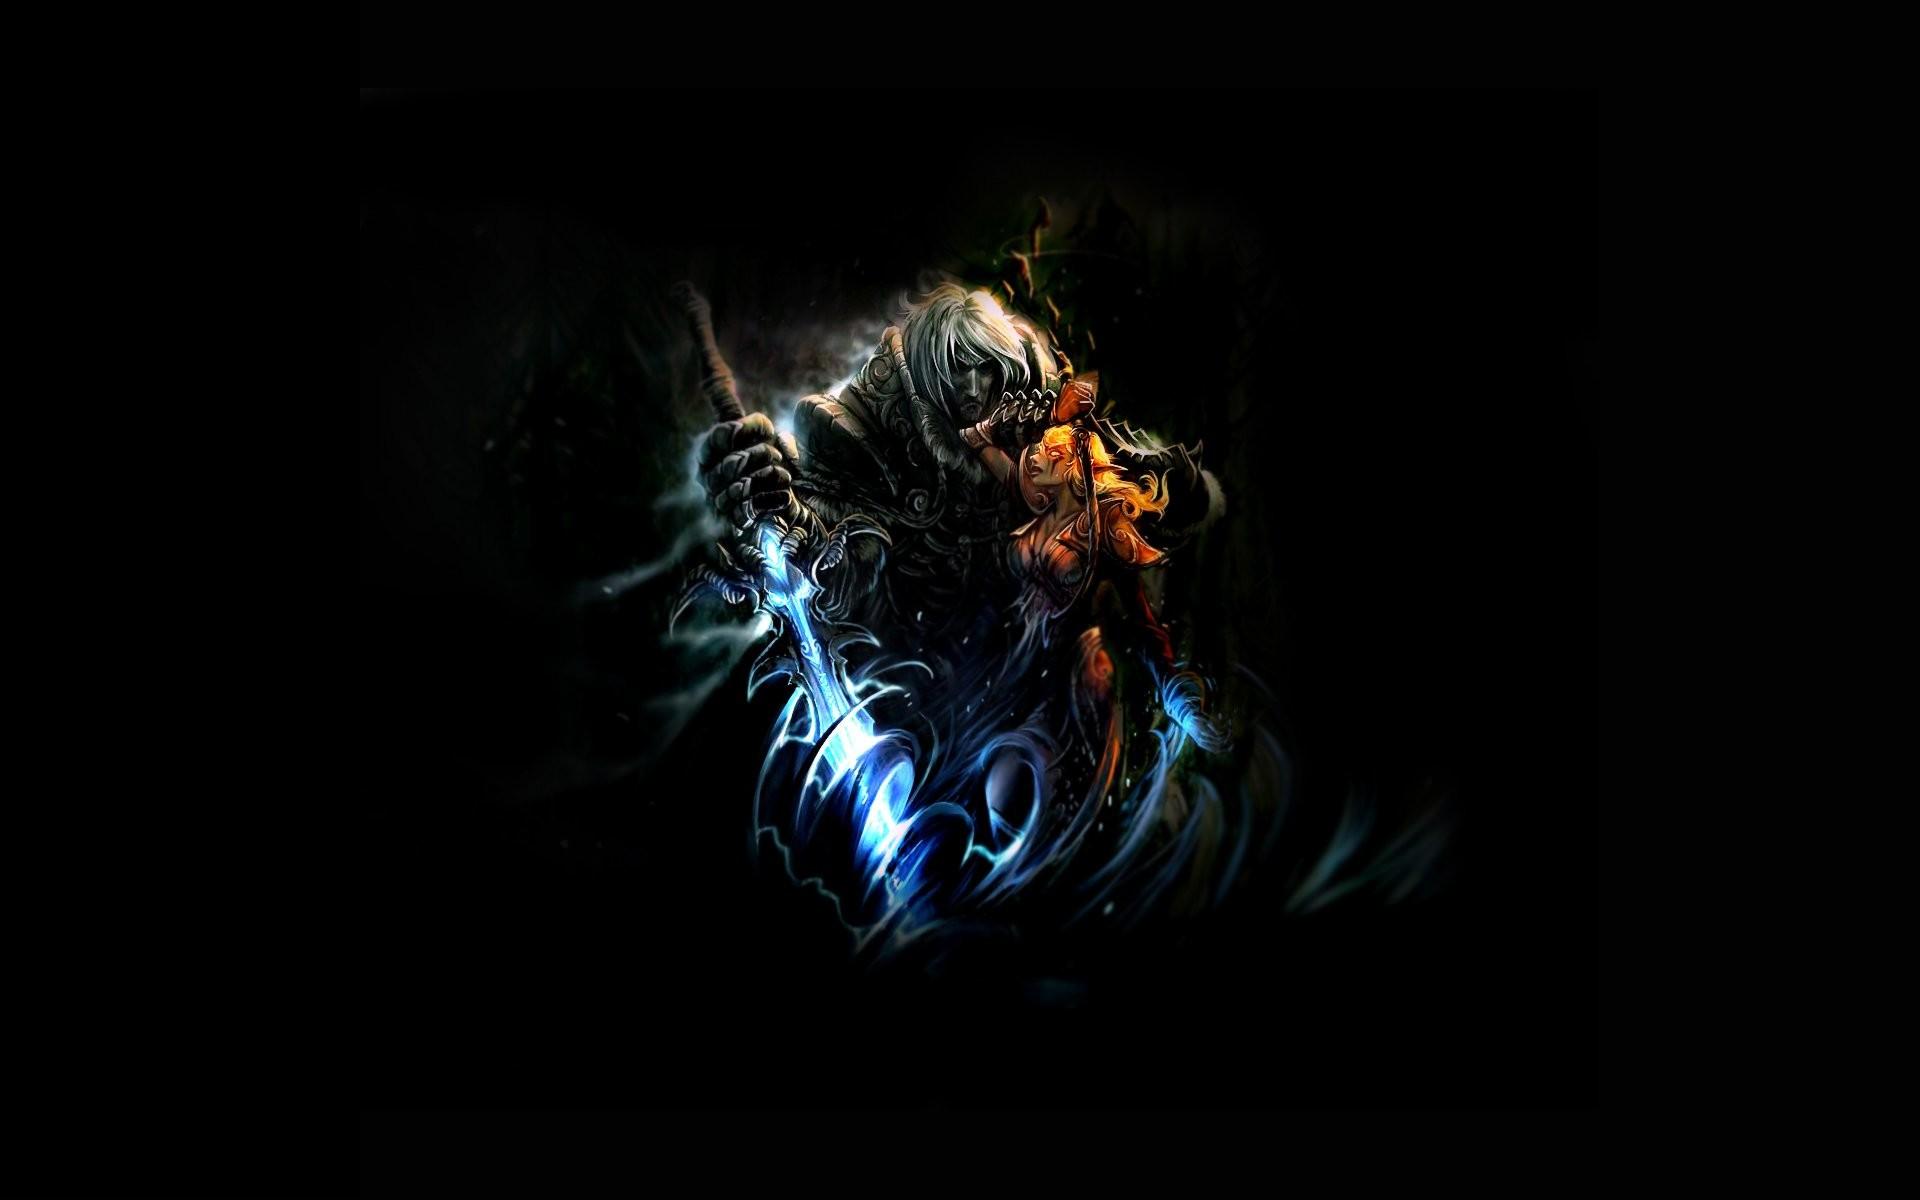 couple, wallpaper, warrior League Of Legends Twitch Banner wallpaper – 92563